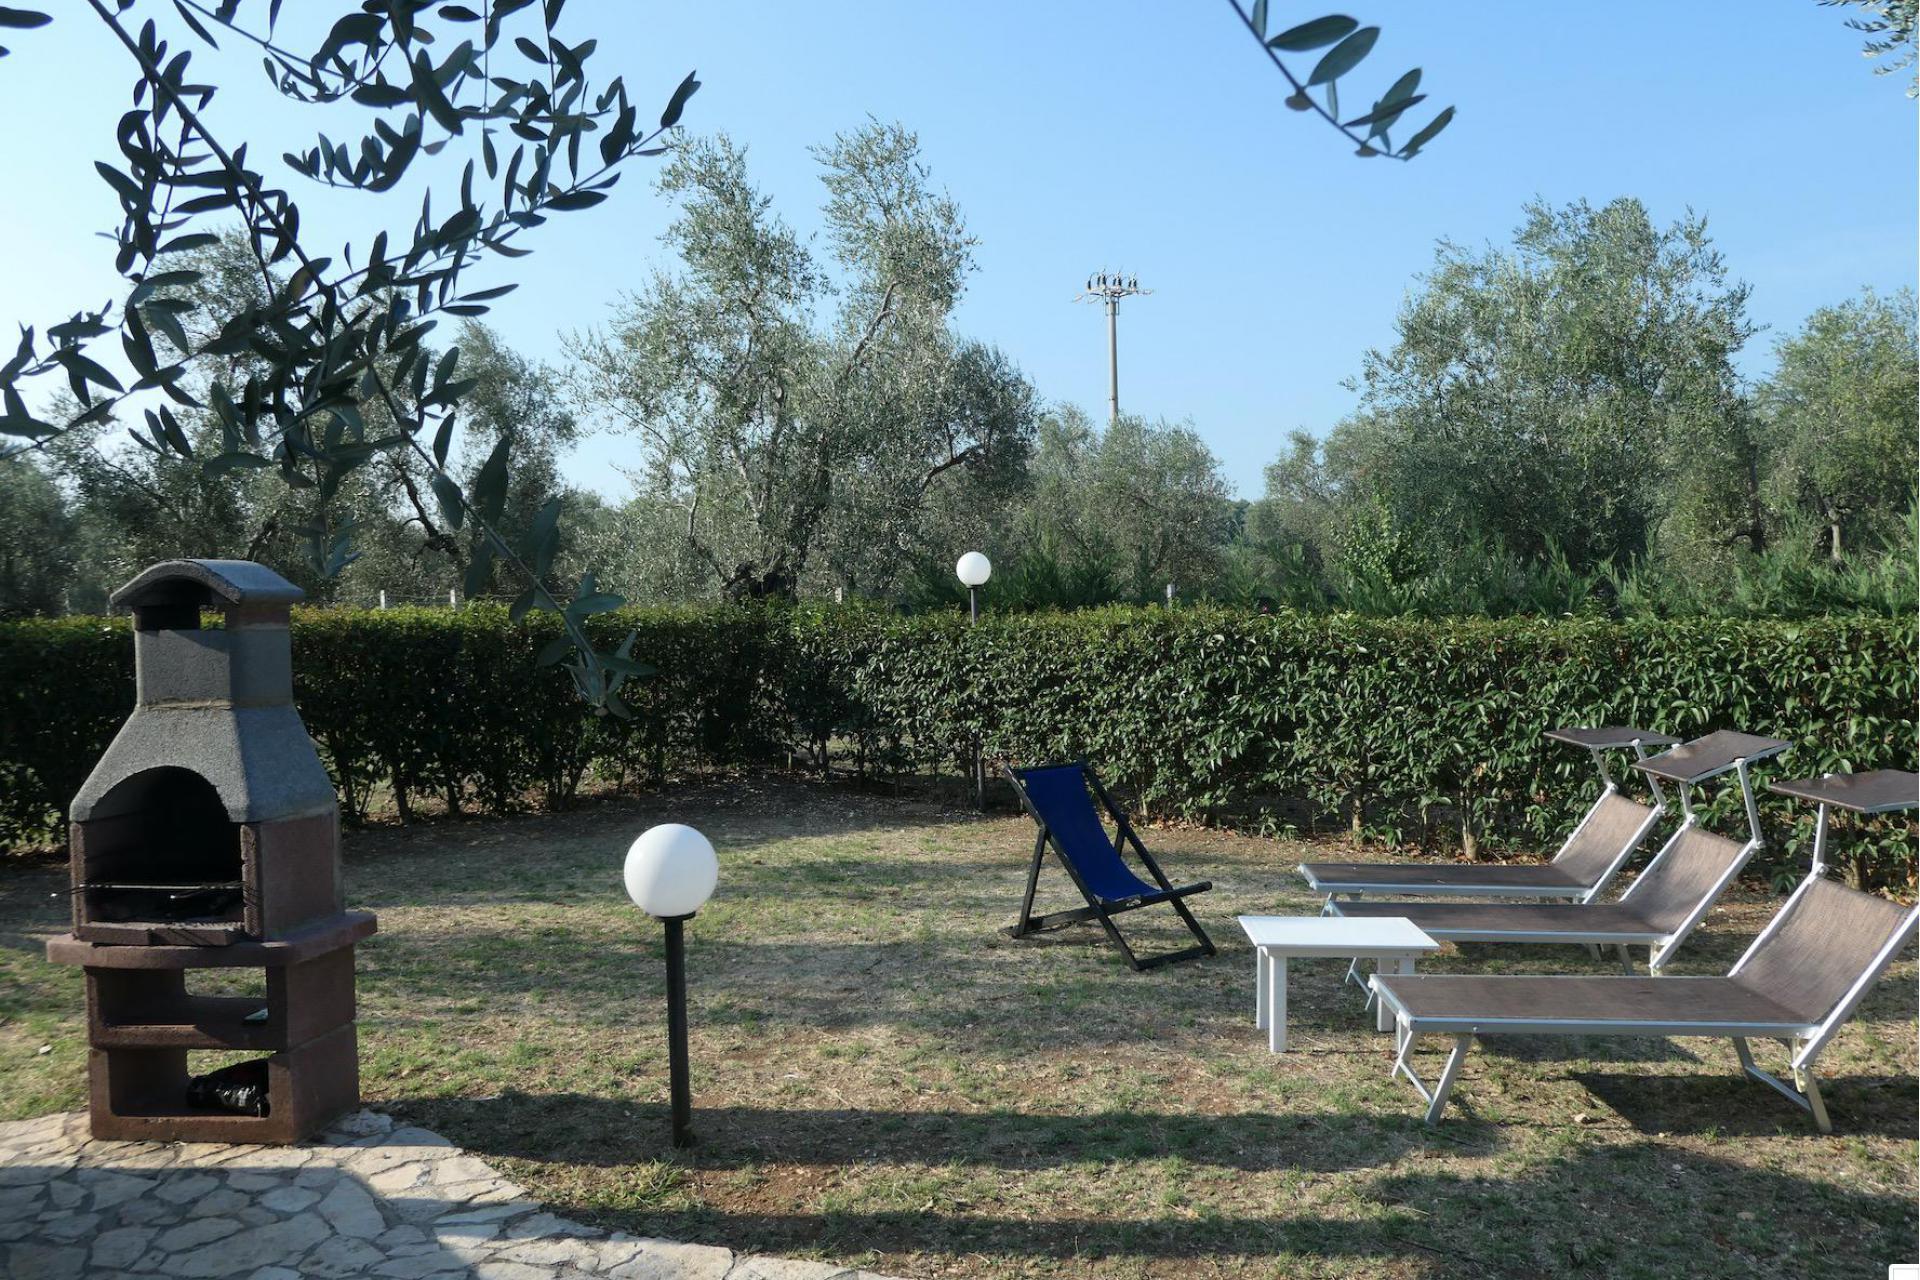 Agriturismo Puglia Agriturismo in Puglia, voor families vlakbij het strand